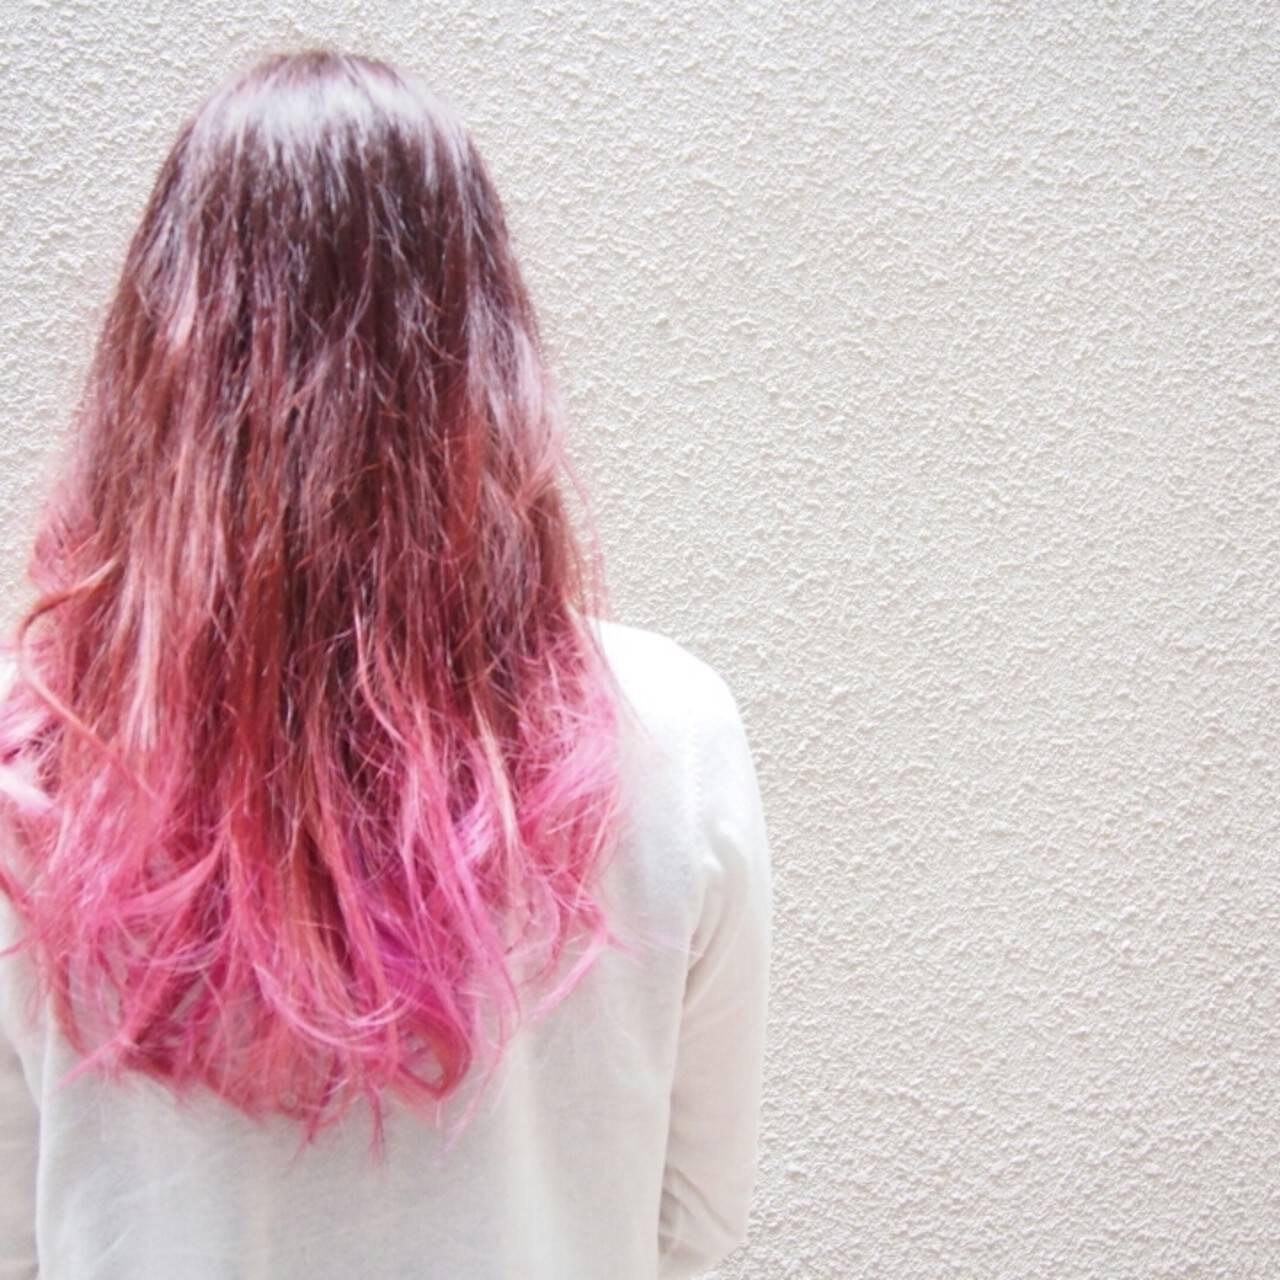 レッド グラデーションカラー ロング ビビッドカラーヘアスタイルや髪型の写真・画像